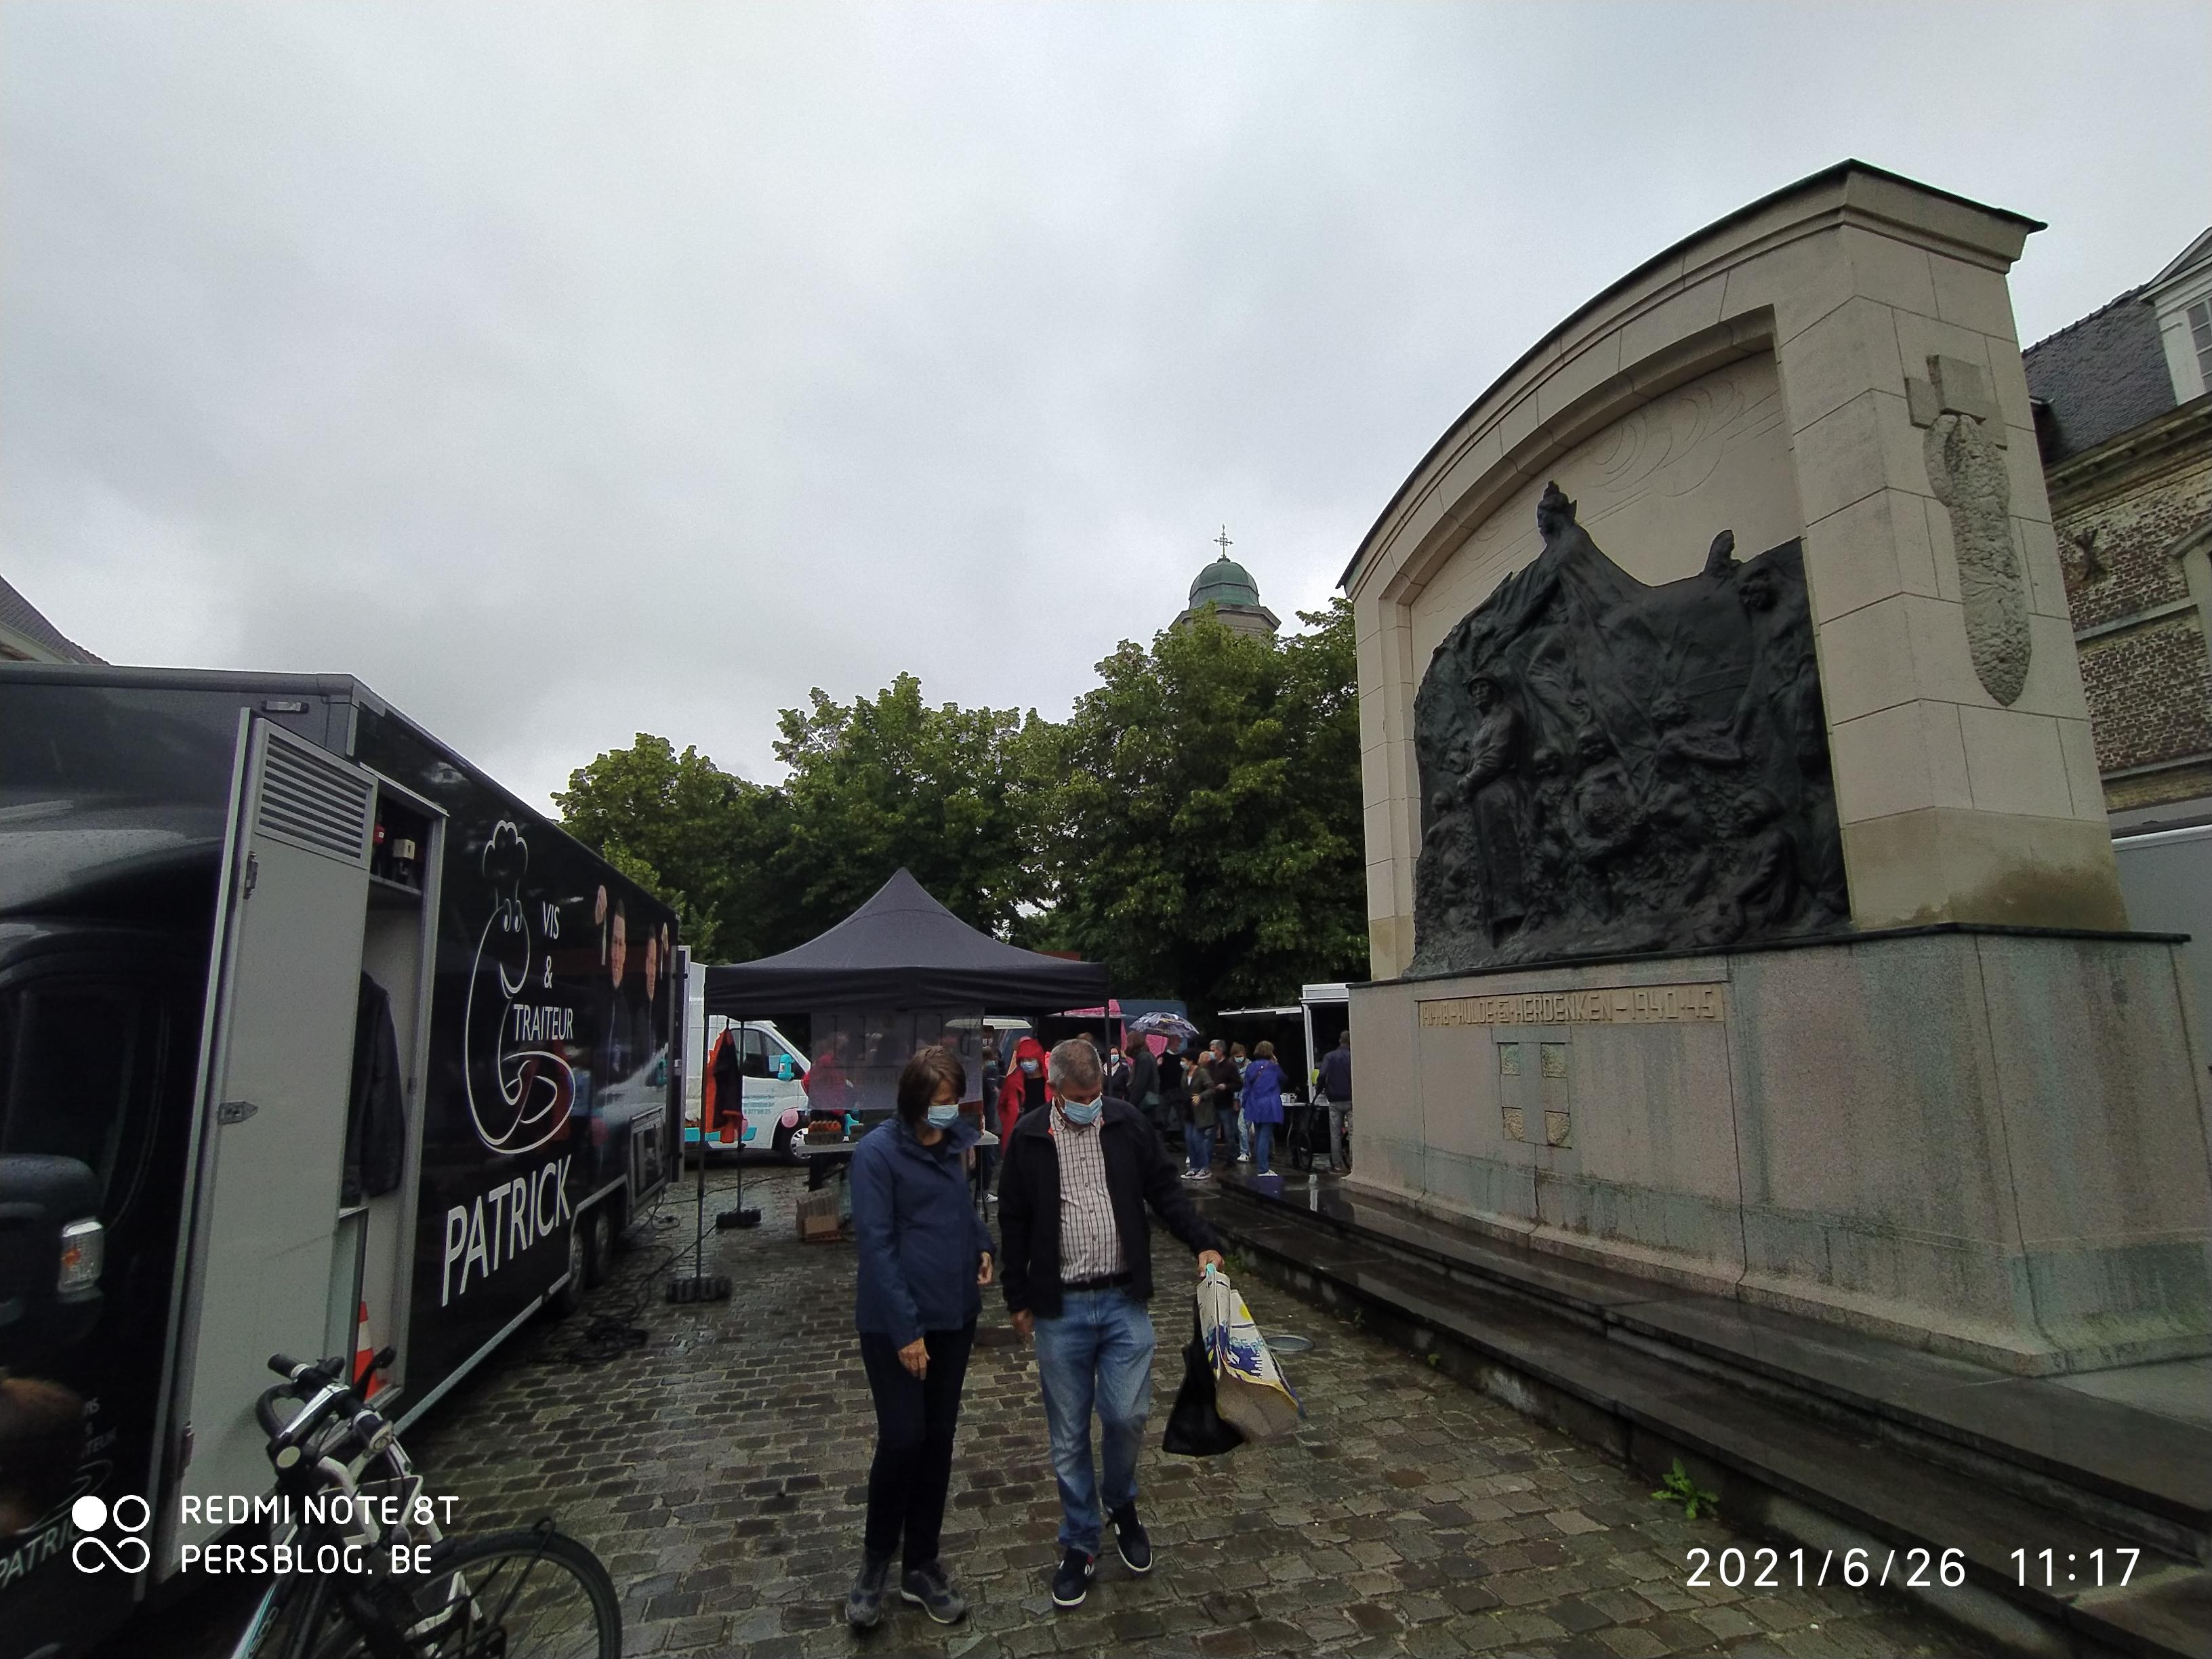 Drongenplein - eerste wekelijkse markt op vernieuwd plein en parkje IMG_20210626_111956 (4)